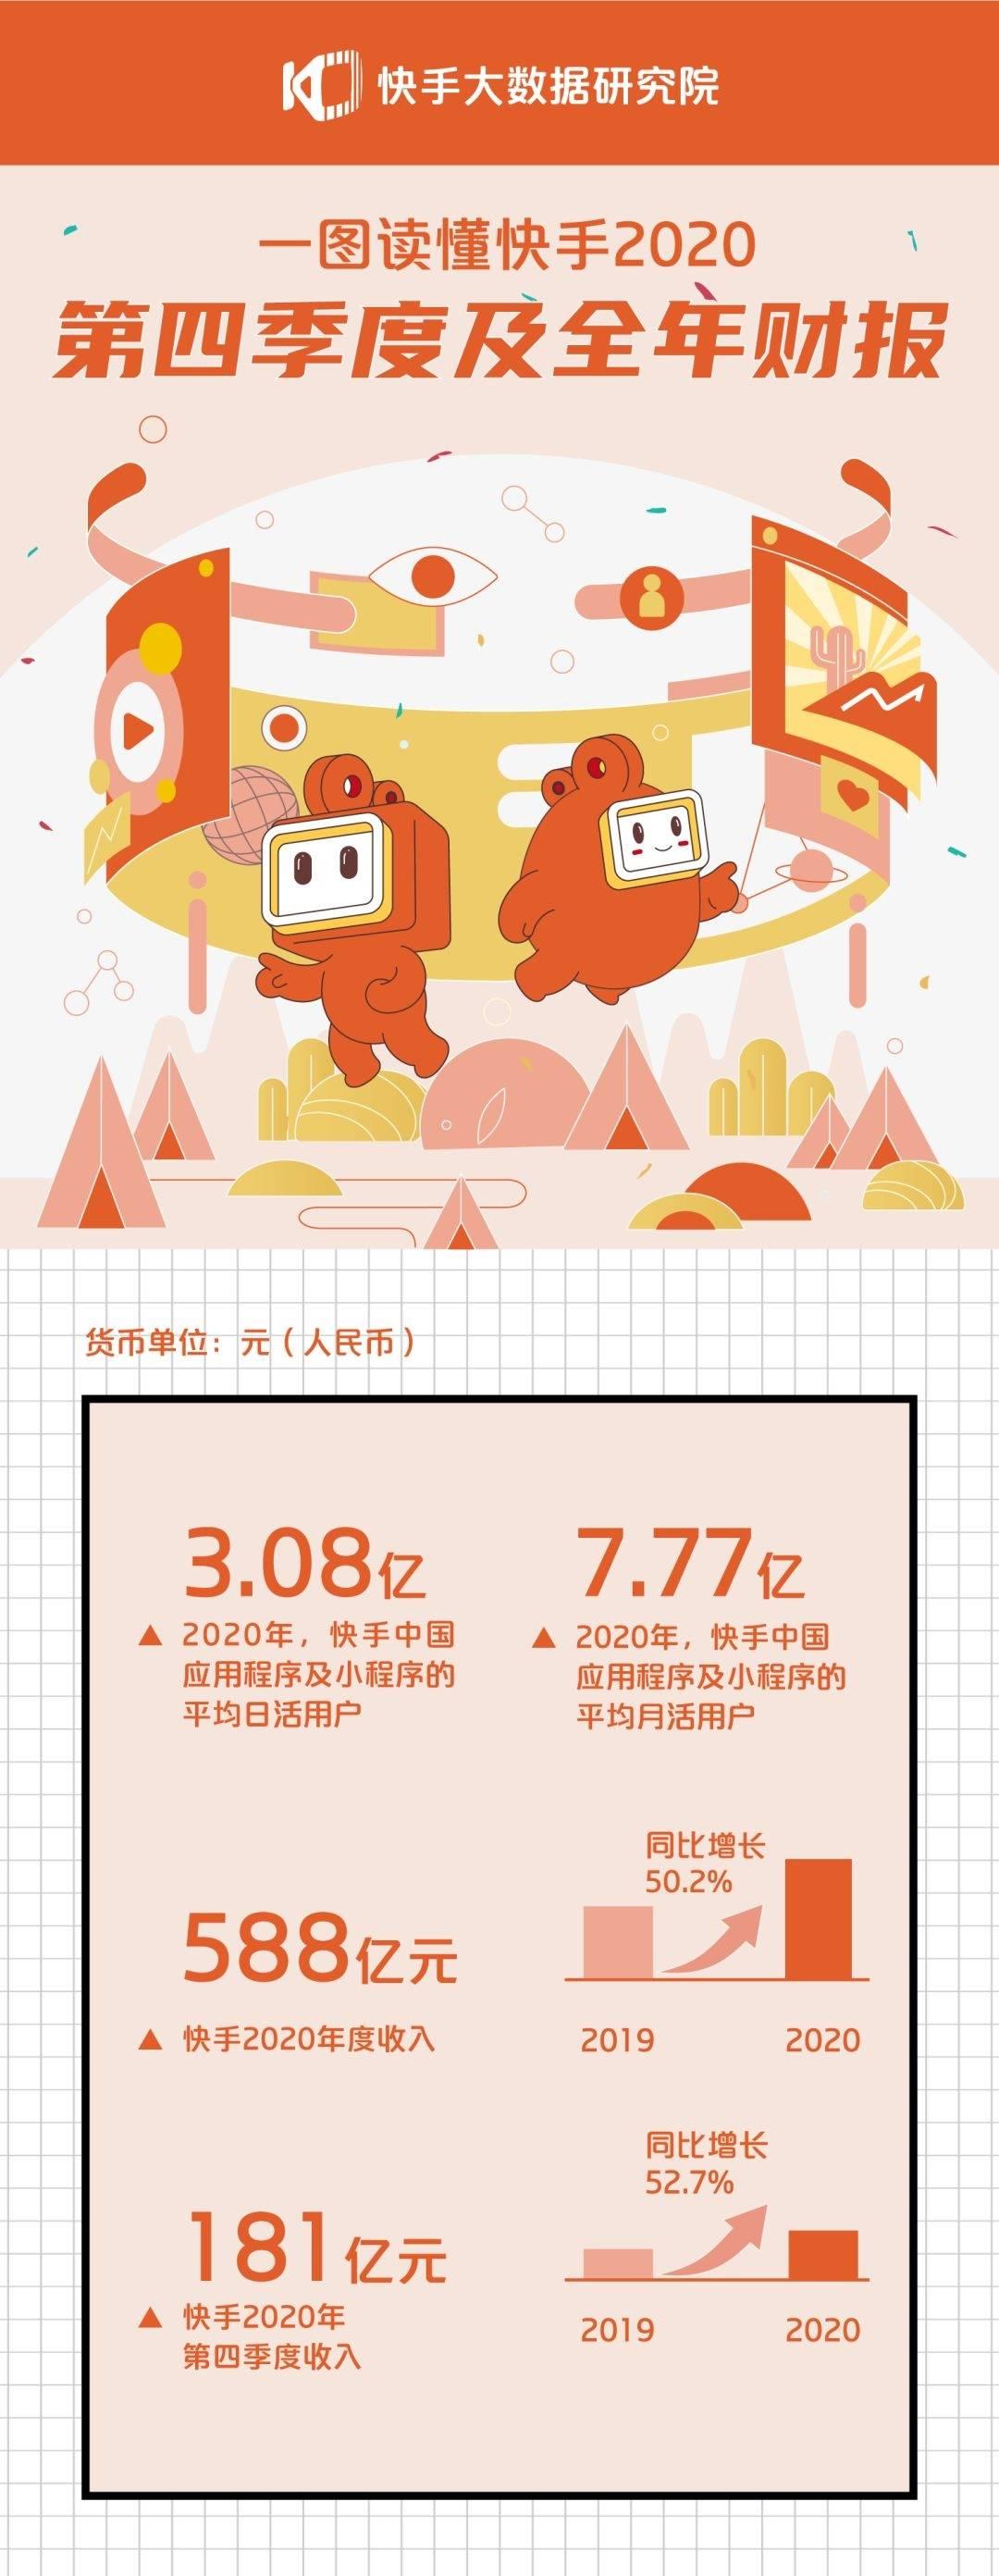 快手2020财报释放信号:坚守流量普惠原则,电商成增长新动能